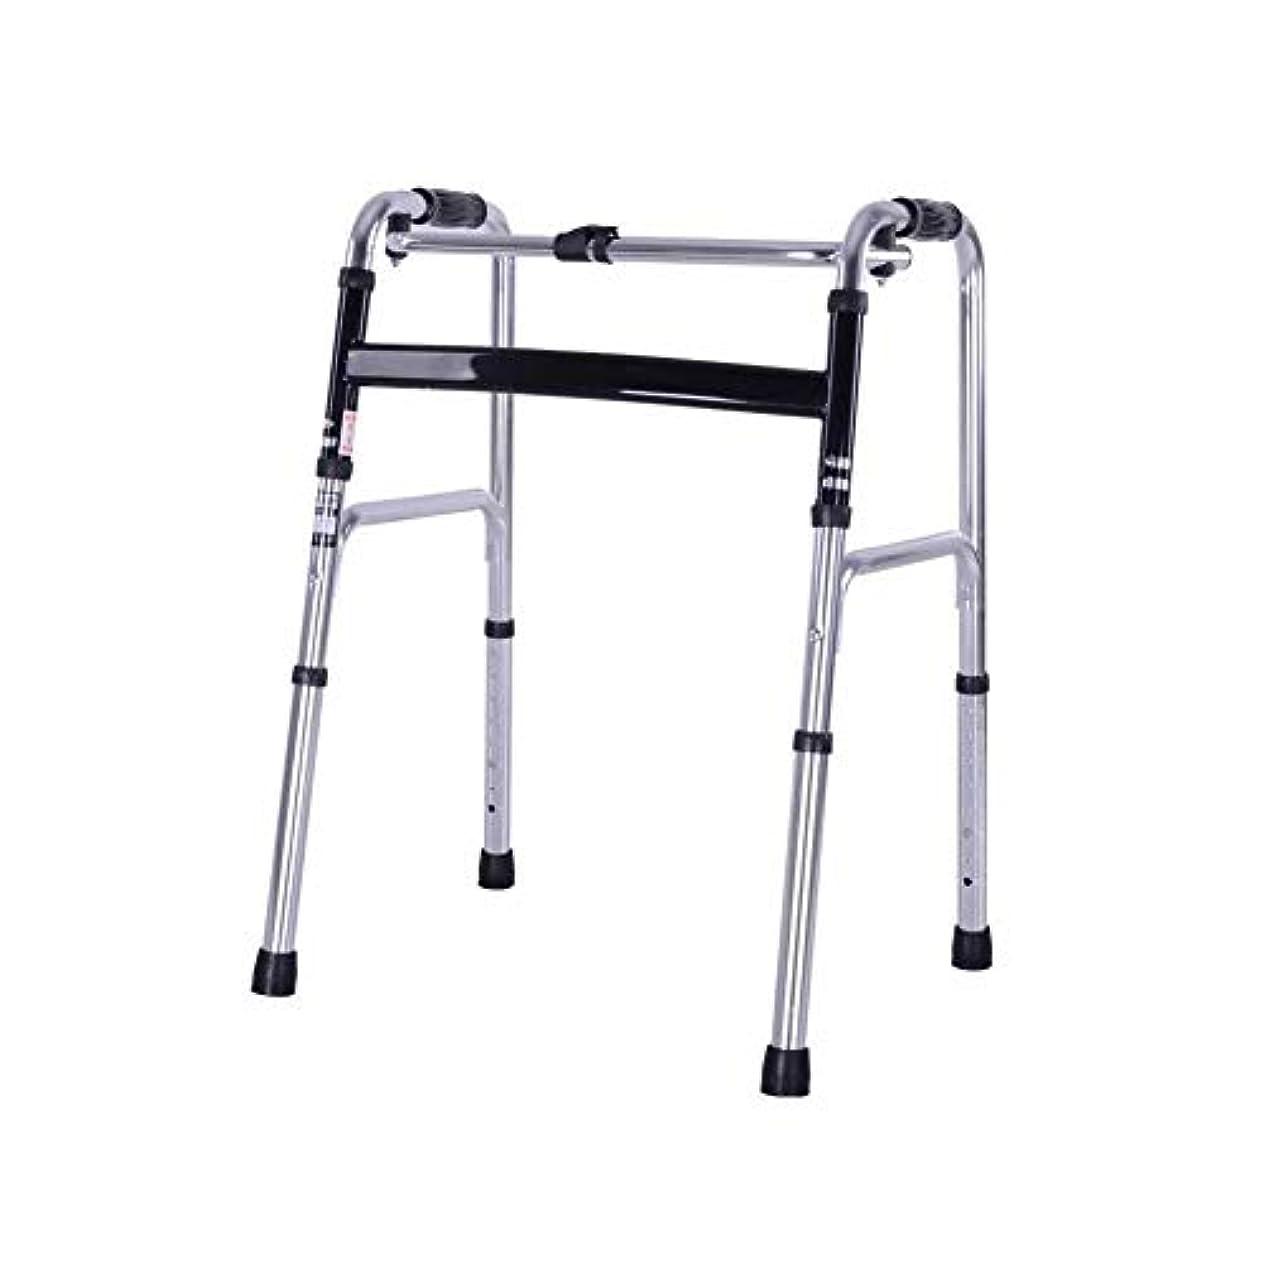 座る知り合いになるスラダム高齢者のための折りたたみ式軽量アルミニウム高さ調節可能な歩行フレームの移動補助具